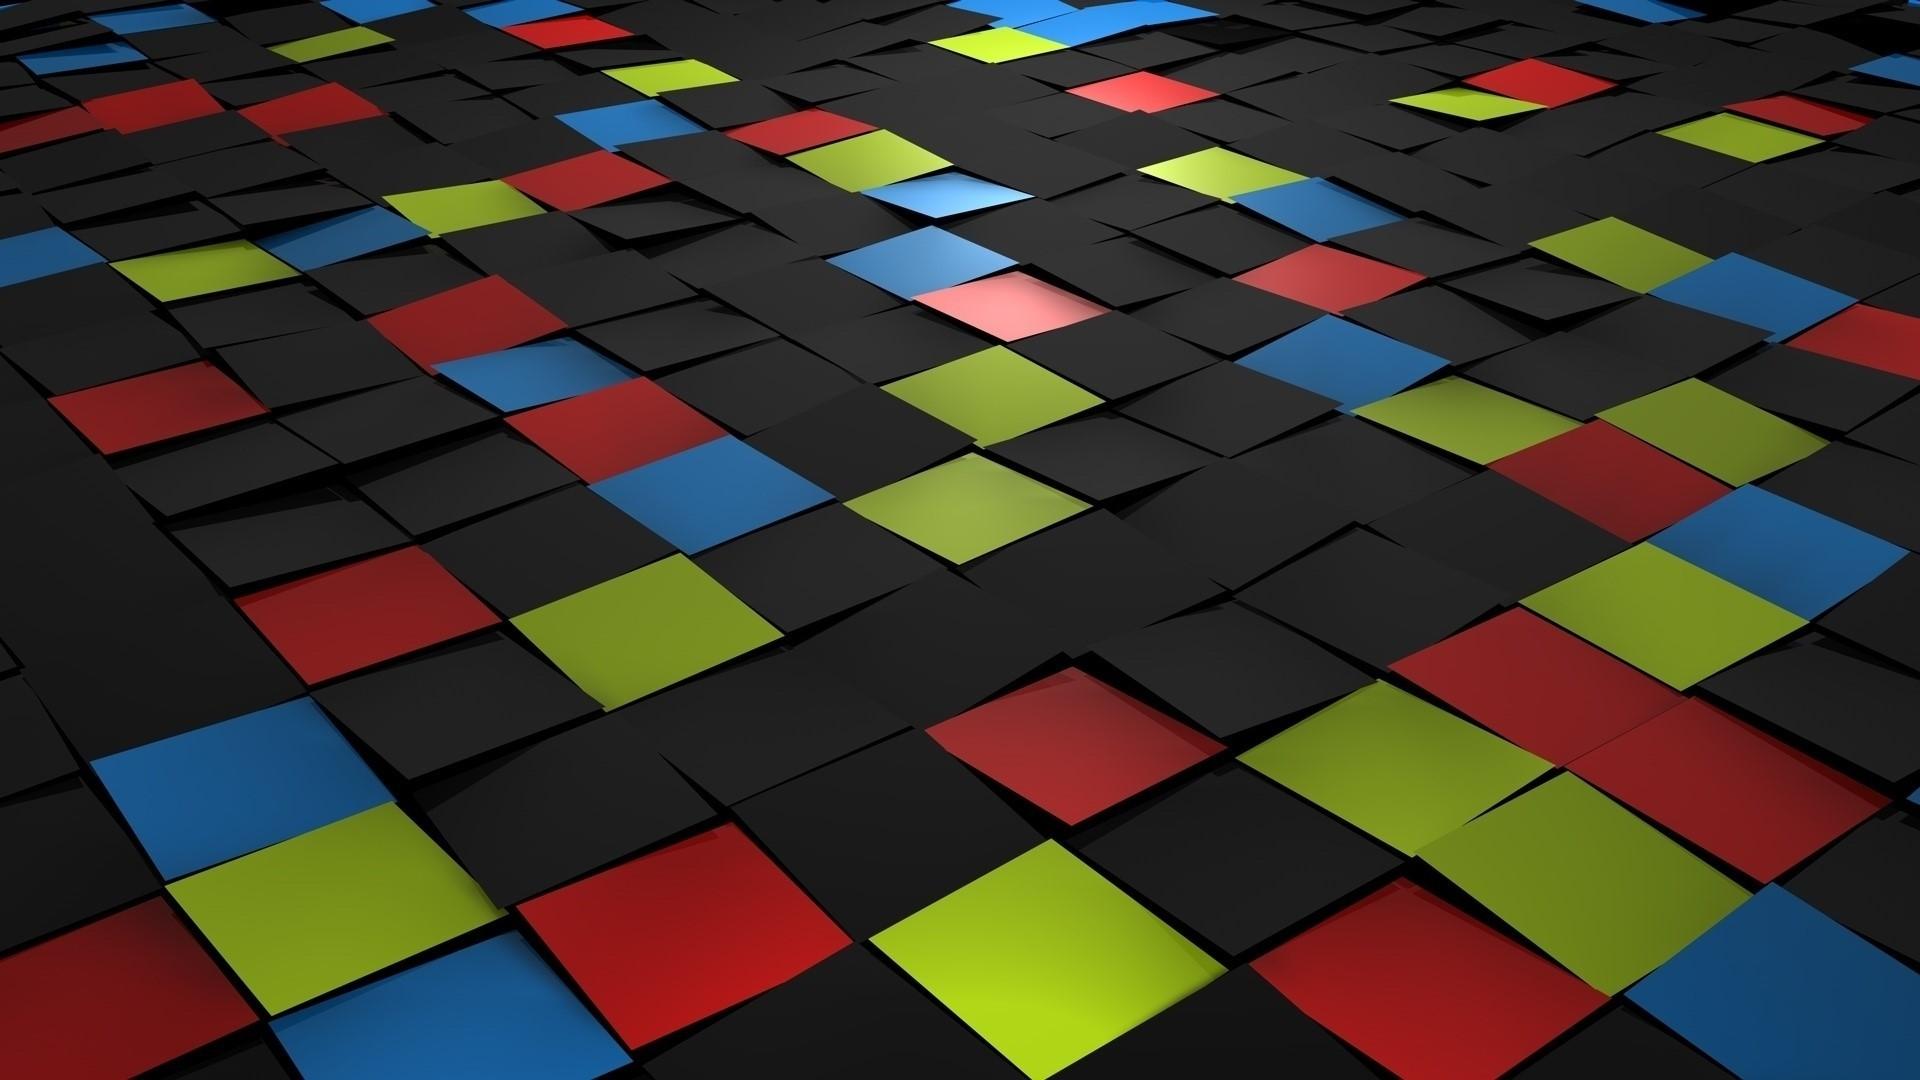 Tile Wallpaper theme